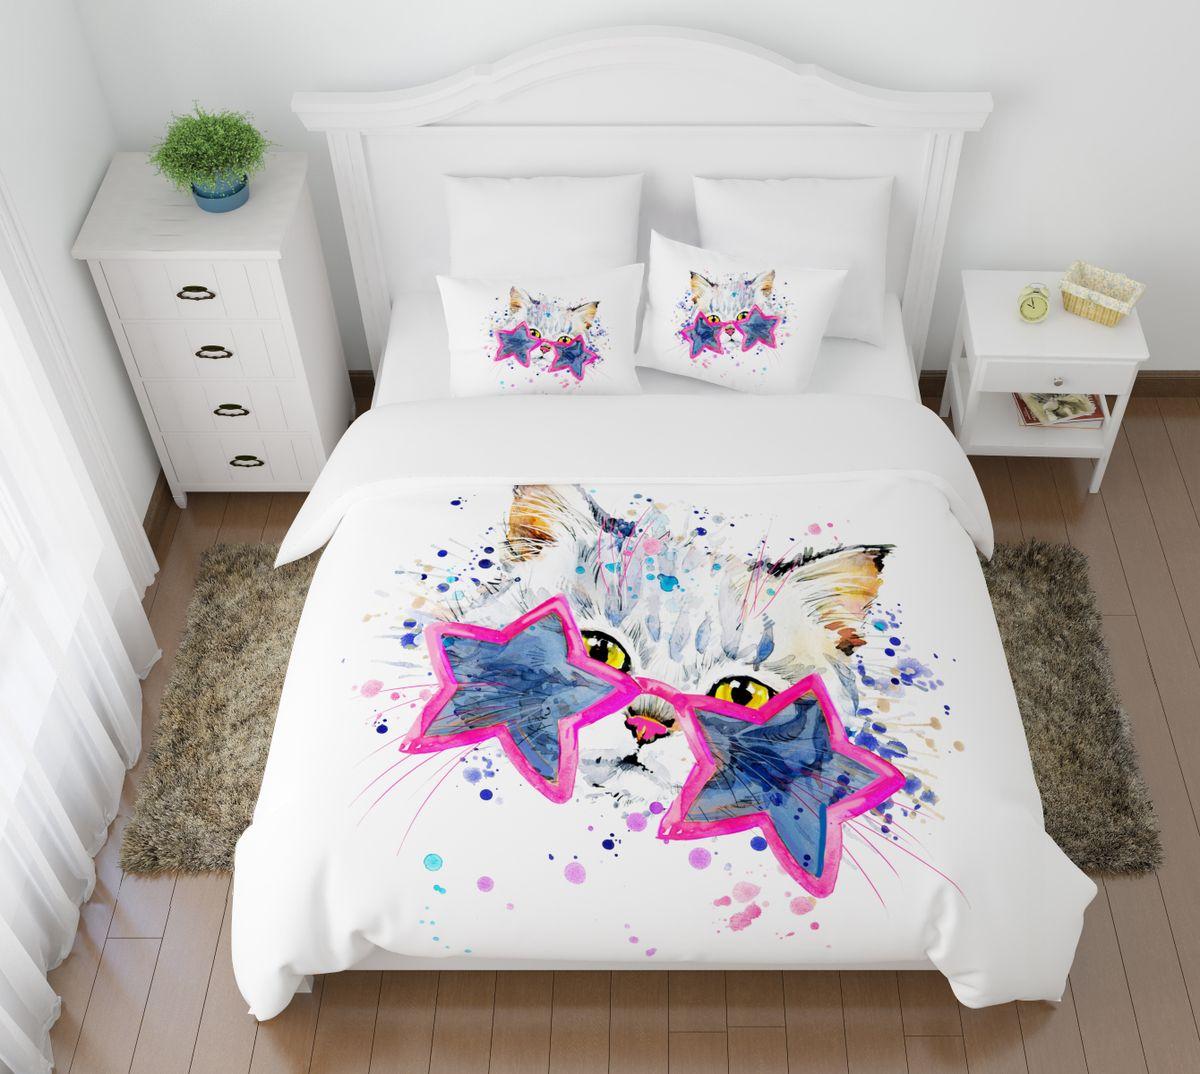 Комплект белья Сирень Звездный кот, 2-спальный, наволочки 50х7004909-КПБ2-МКомплект постельного белья Сирень выполнен из прочной и мягкой ткани. Четкий и стильный рисунок в сочетании с насыщенными красками делают комплект постельного белья неповторимой изюминкой любого интерьера.Постельное белье идеально подойдет для подарка. Идеальное соотношение смешенной ткани и гипоаллергенных красок - это гарантия здорового, спокойного сна. Ткань хорошо впитывает влагу, надолго сохраняет яркость красок.В комплект входят: простынь, пододеяльник, две наволочки. Постельное белье легко стирать при 30-40°С, гладить при 150°С, не отбеливать. Рекомендуется перед первым использованием постирать.УВАЖАЕМЫЕ КЛИЕНТЫ! Обращаем ваше внимание, что цвет простыни, пододеяльника, наволочки в комплектации может немного отличаться от представленного на фото.